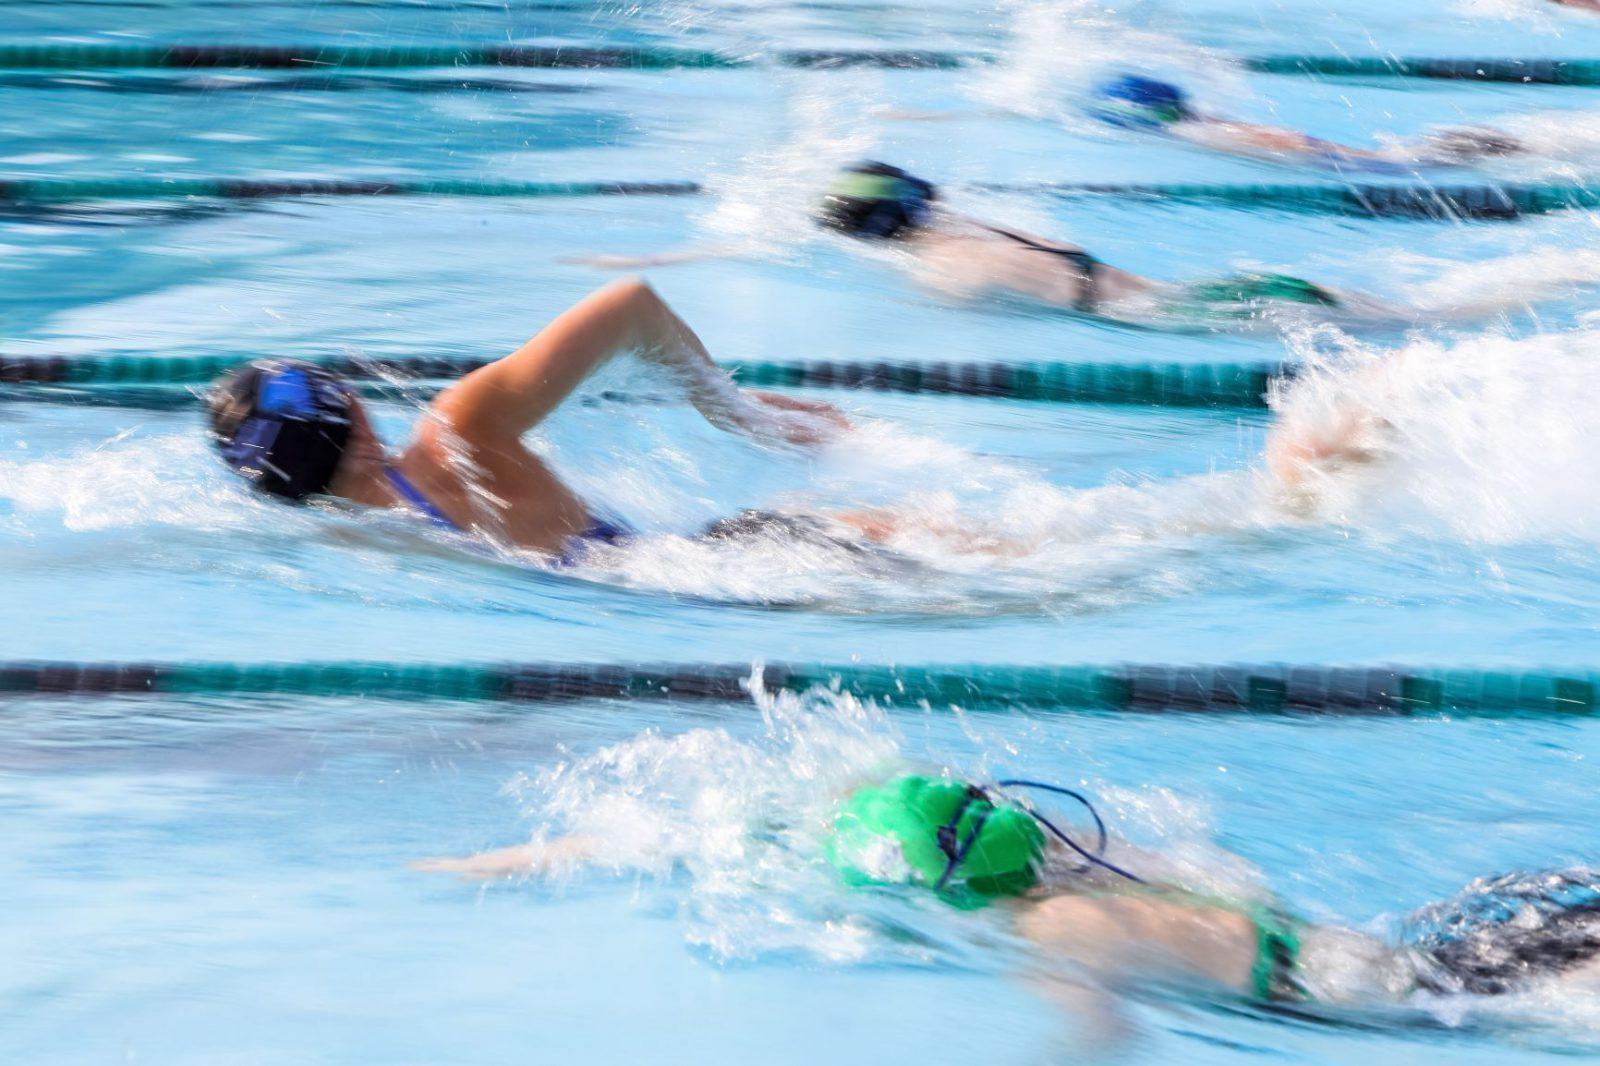 Polscy pływacy w zawodach